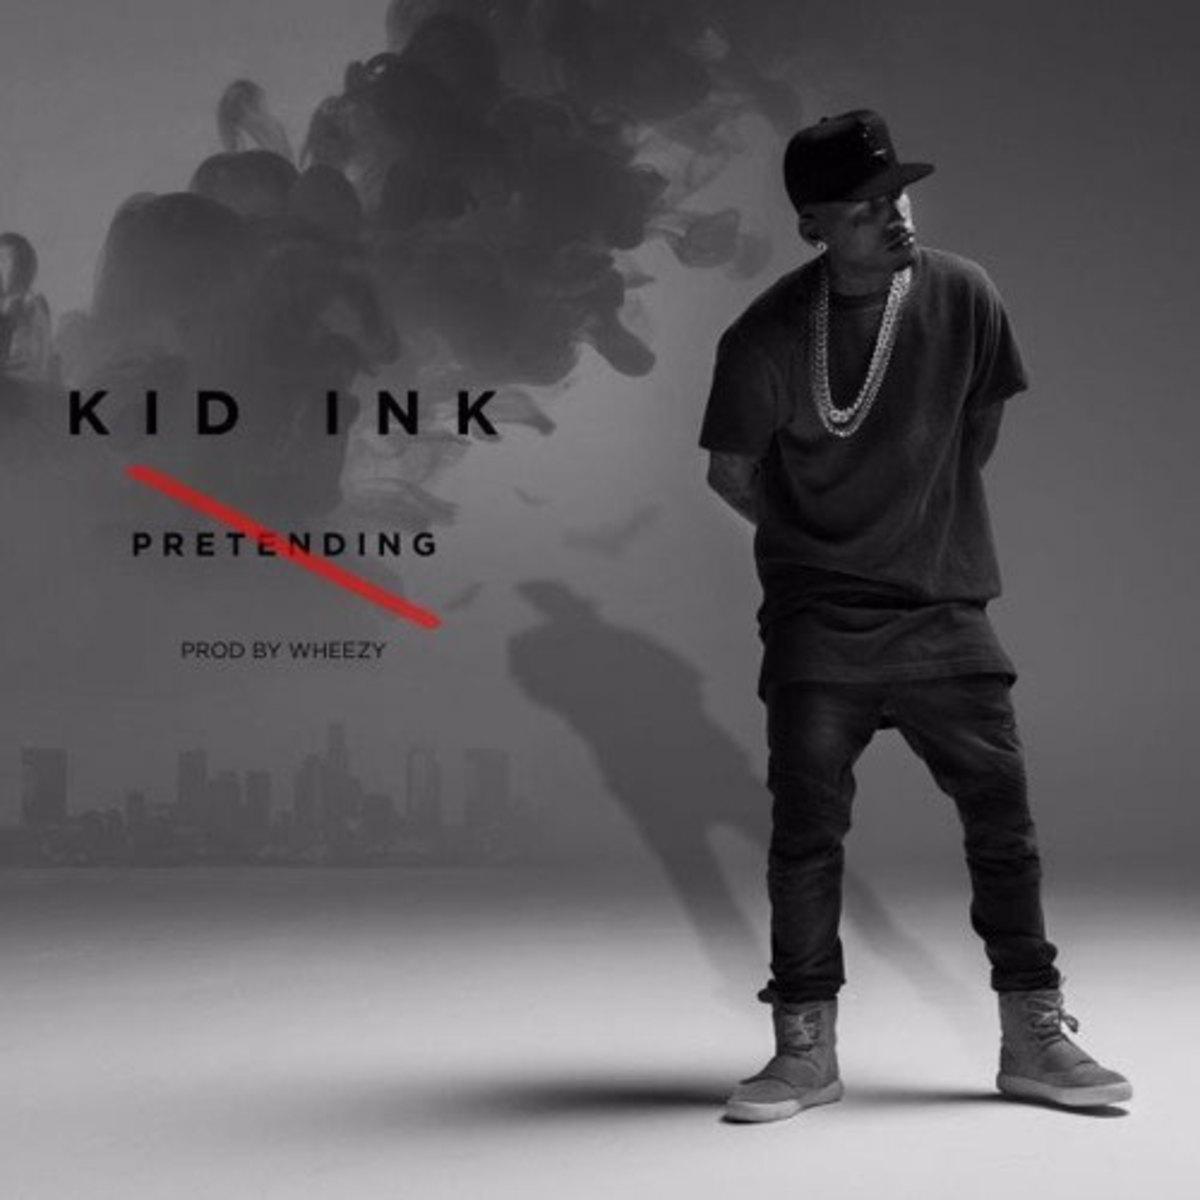 kid-ink-pretending.jpg